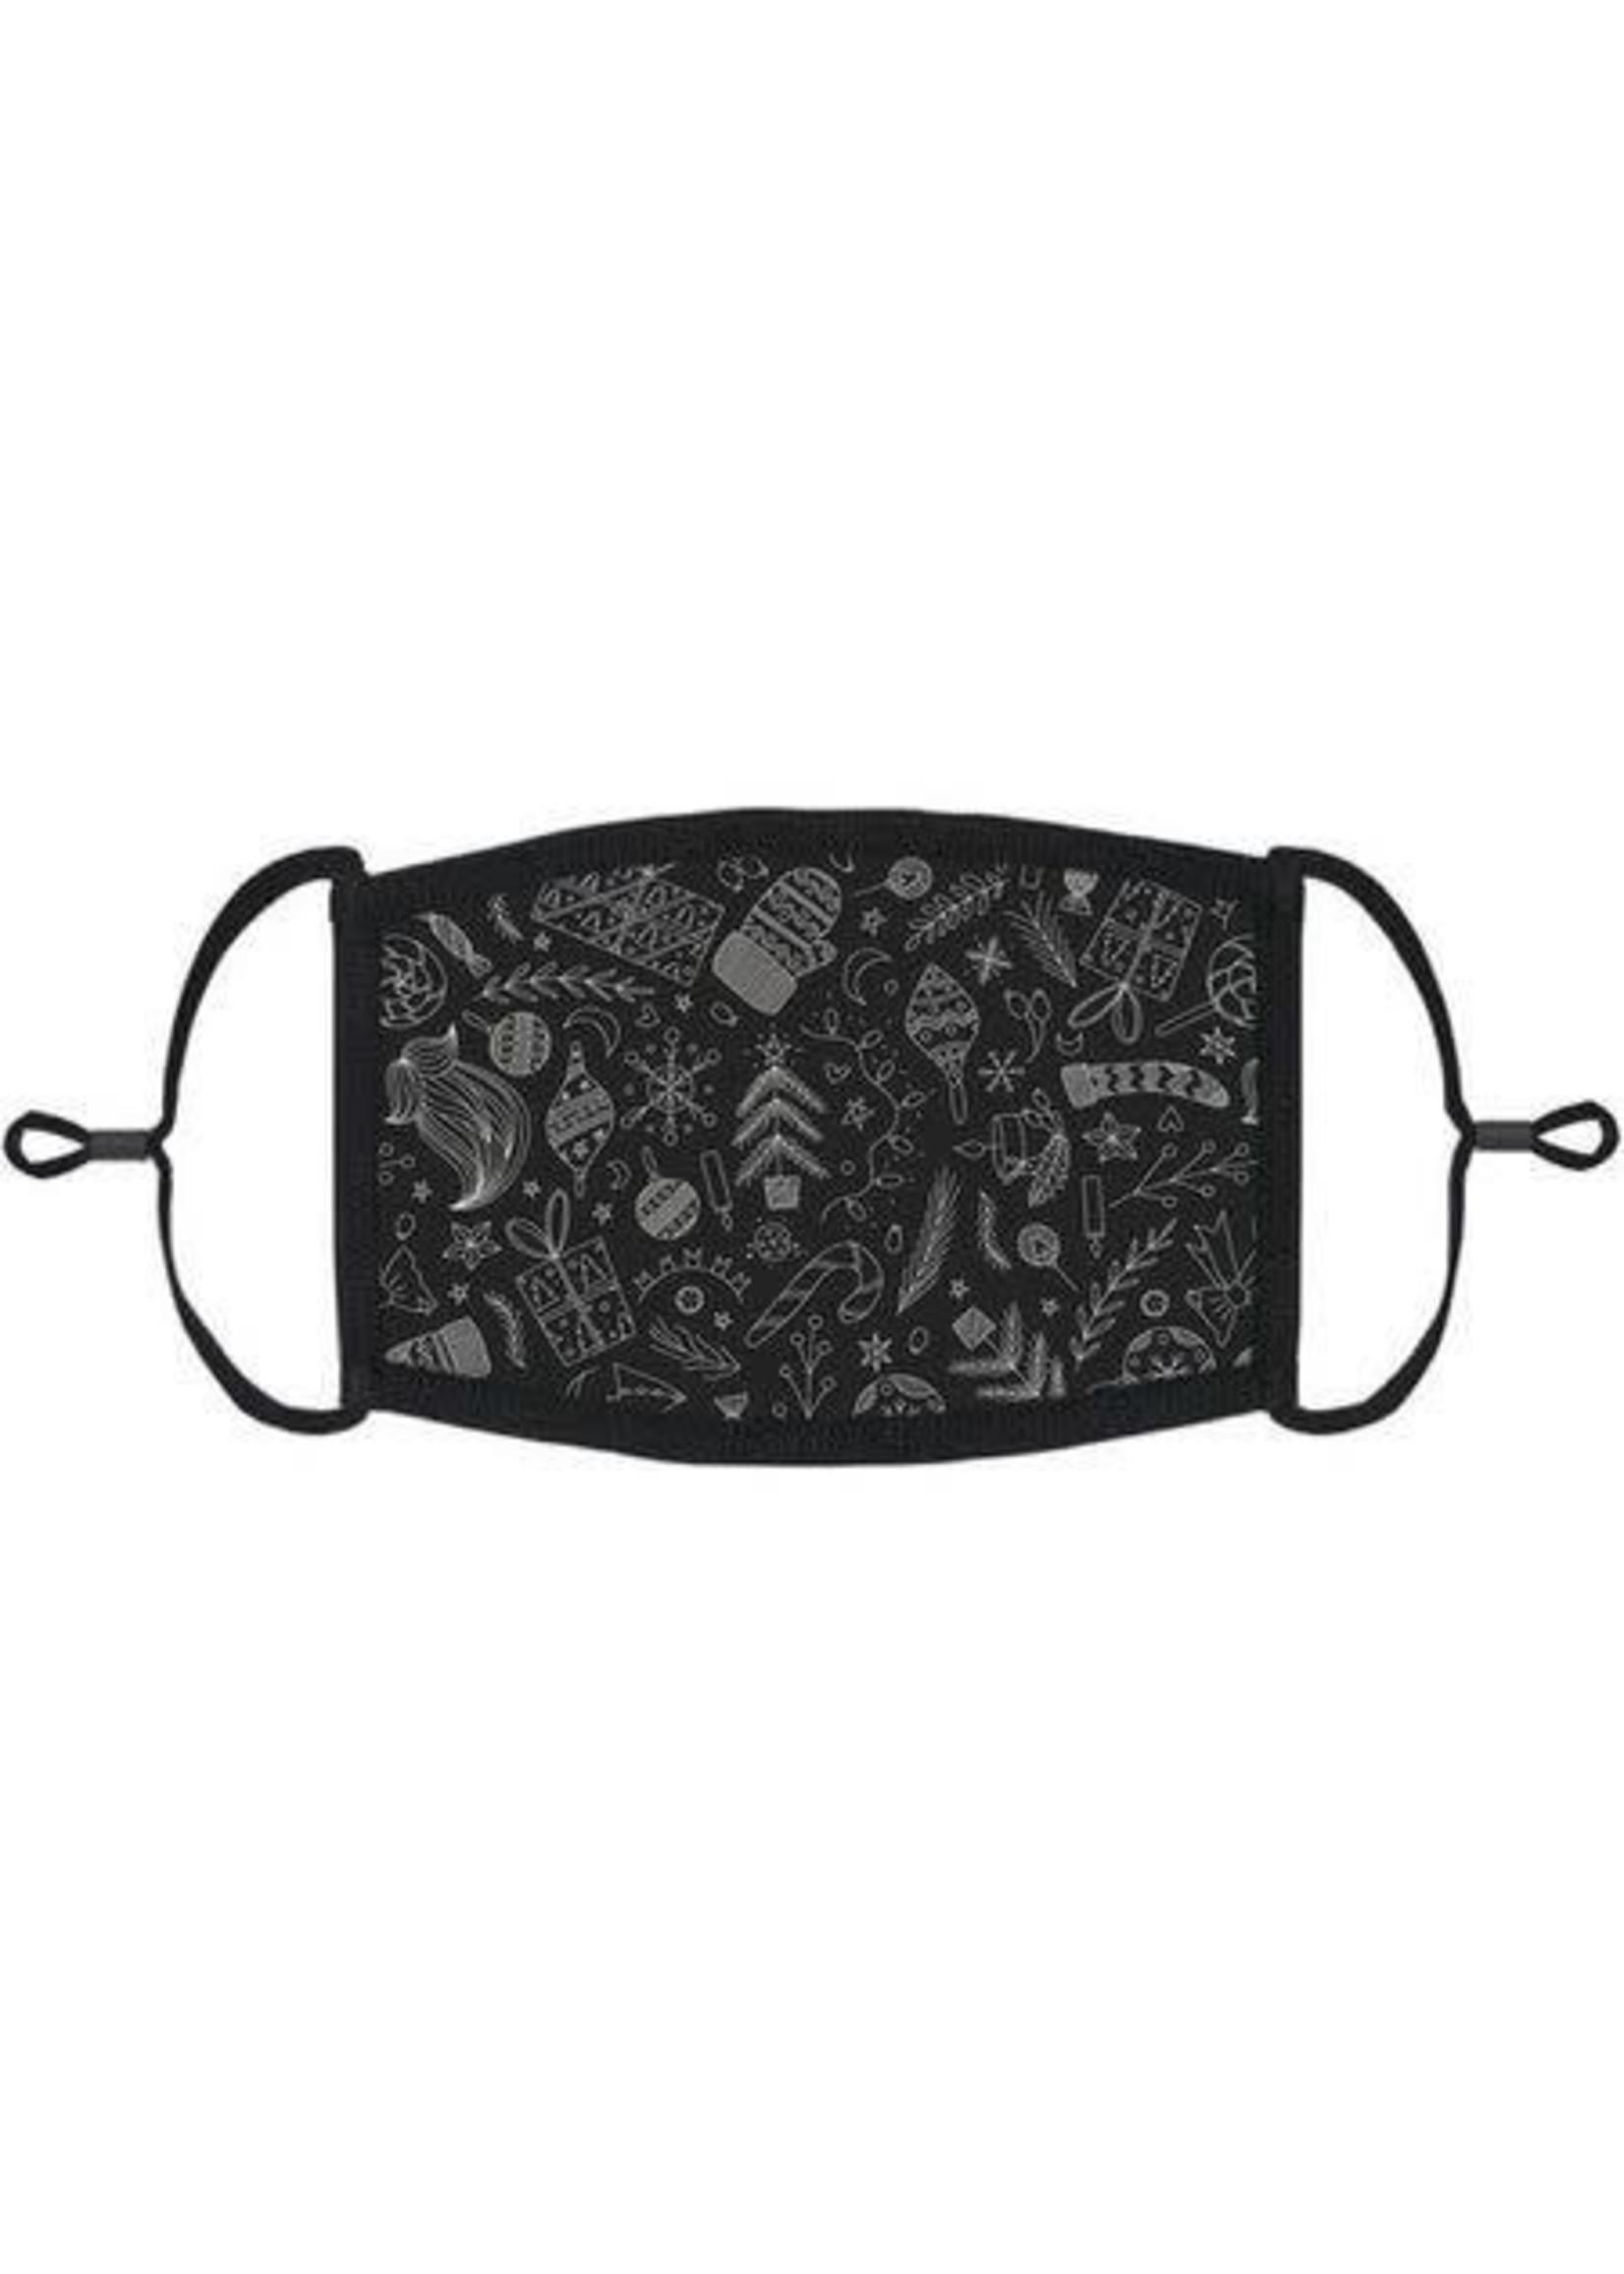 Winter Fabric Mask